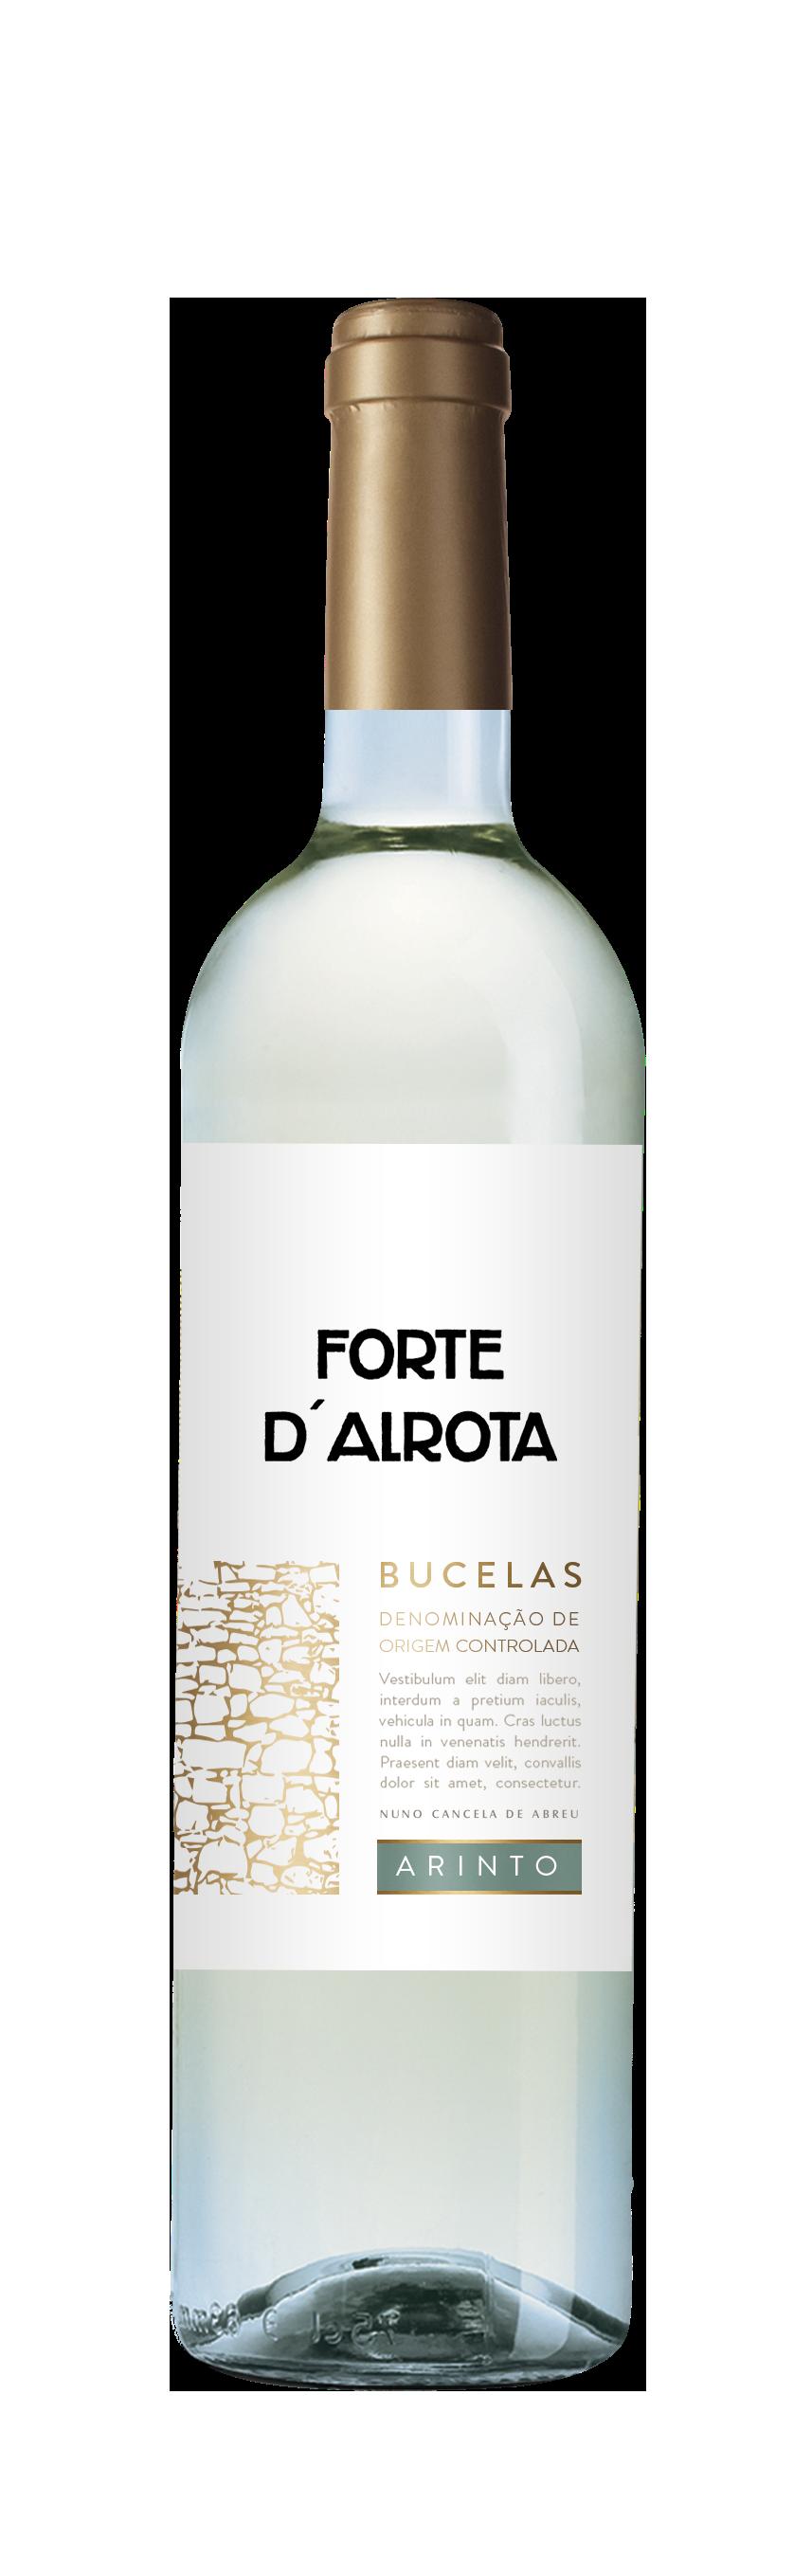 Forte D'Alrota